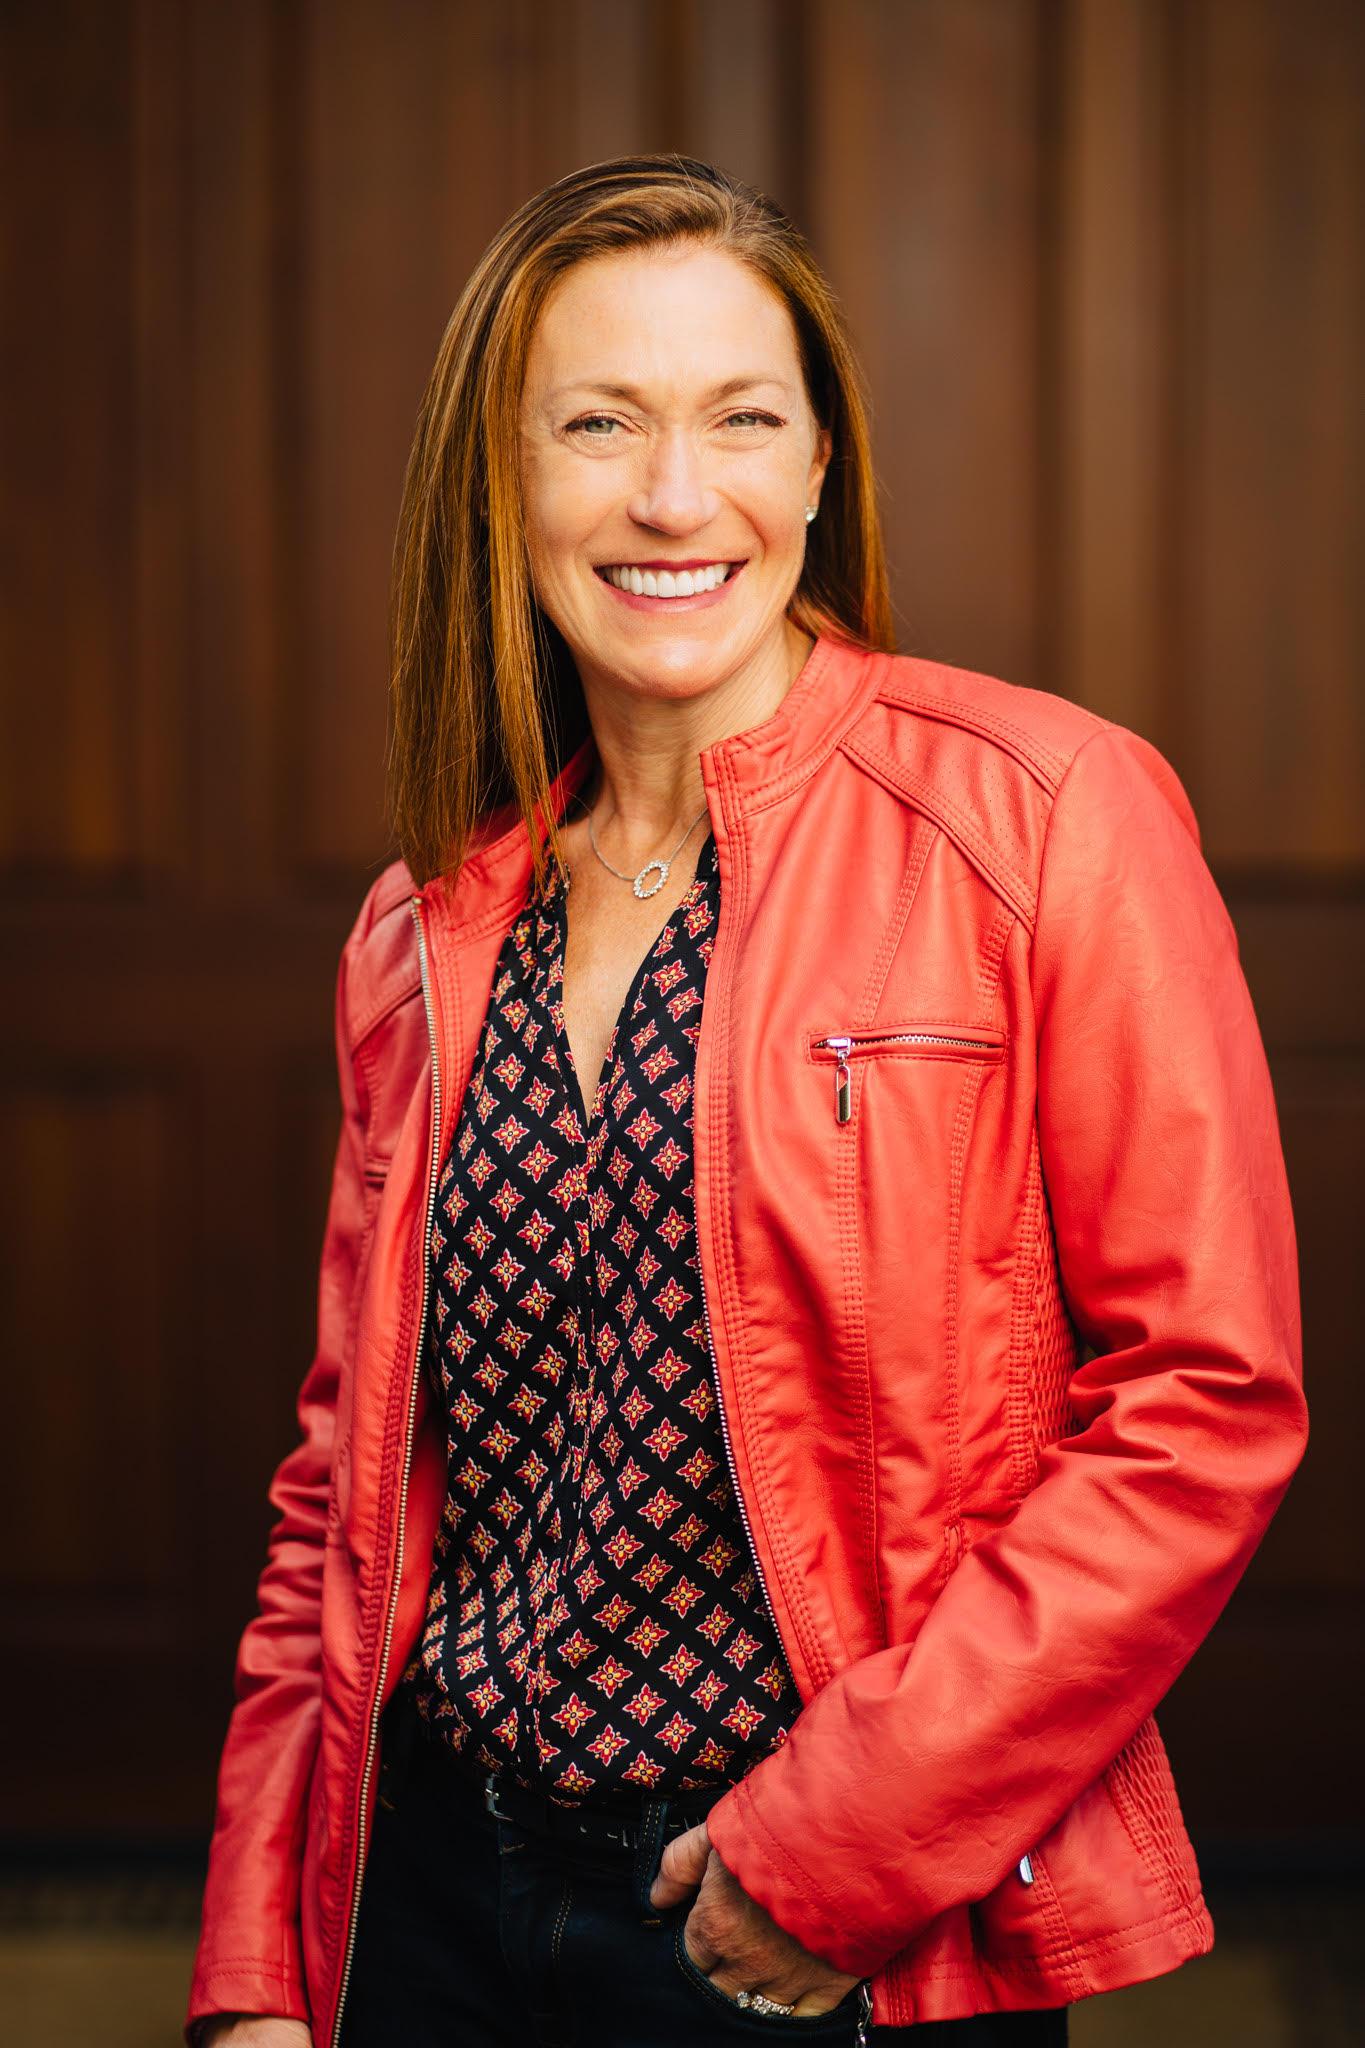 Kelly Breslin Wright